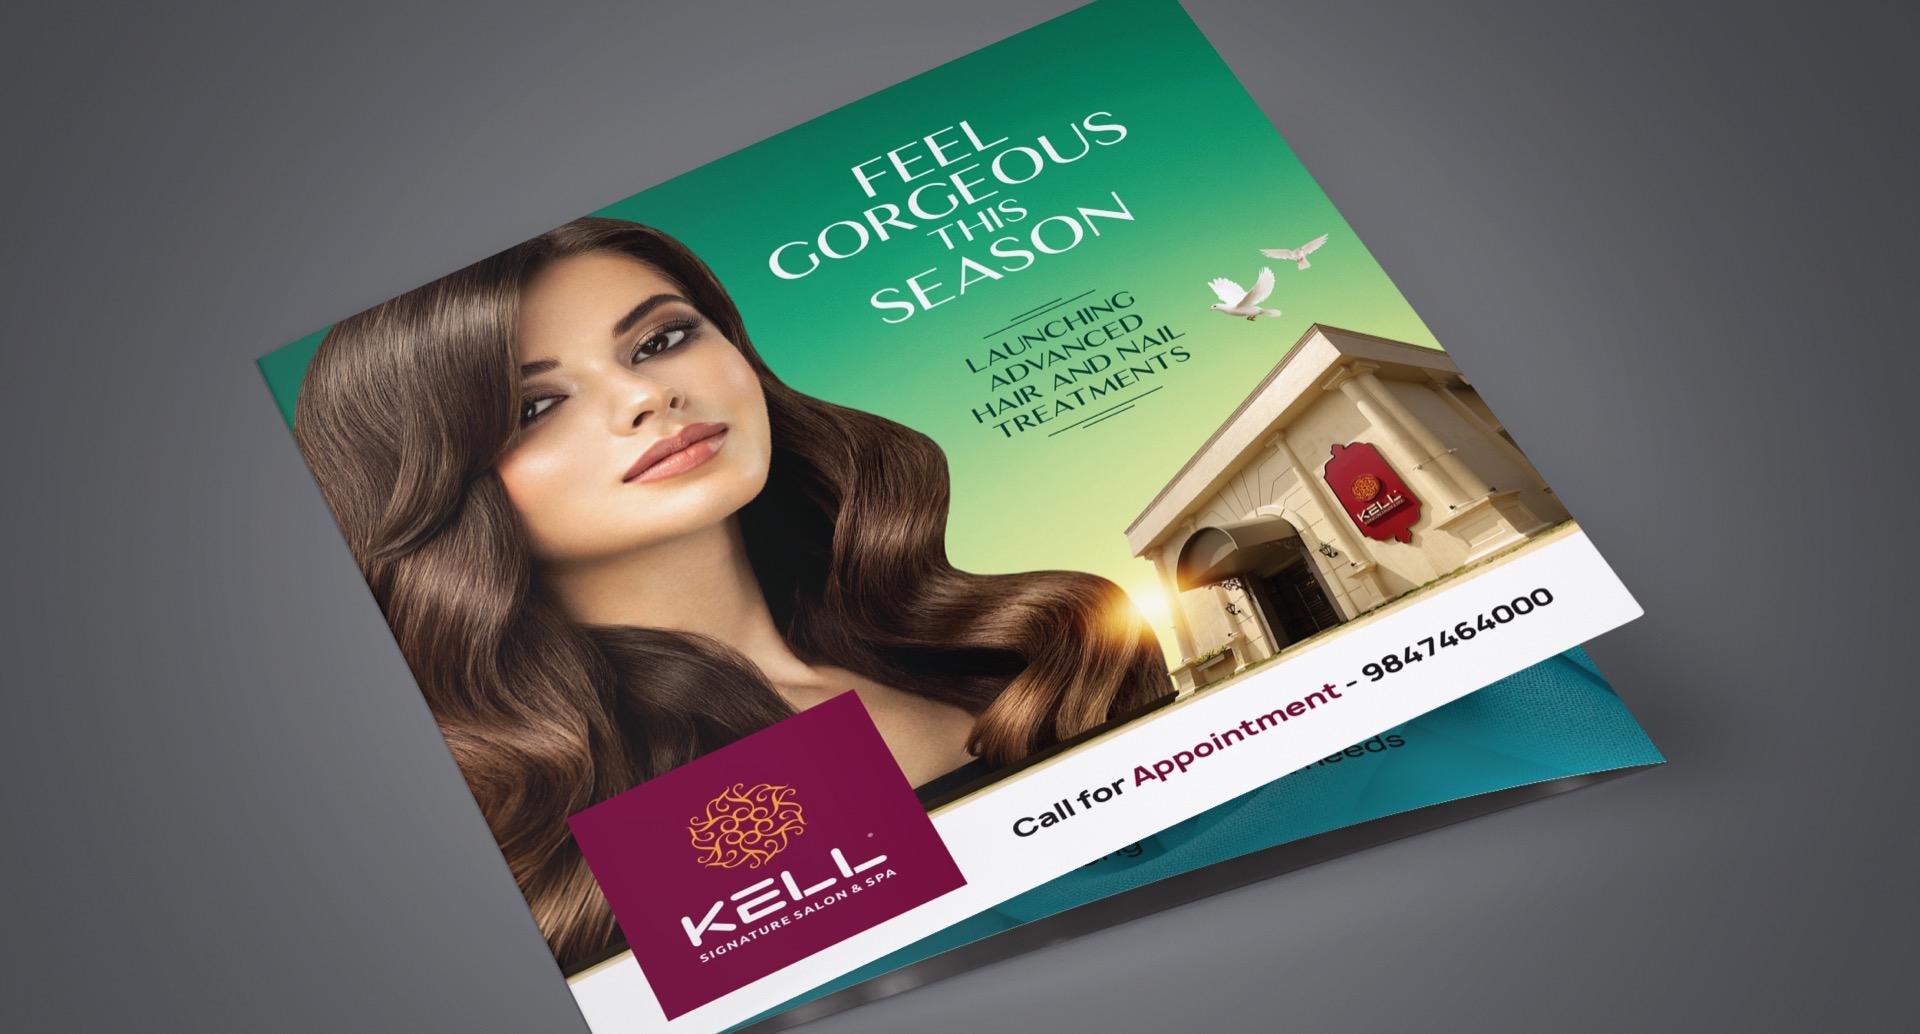 KELL Signature Salon & Spa Brochure Cover Design